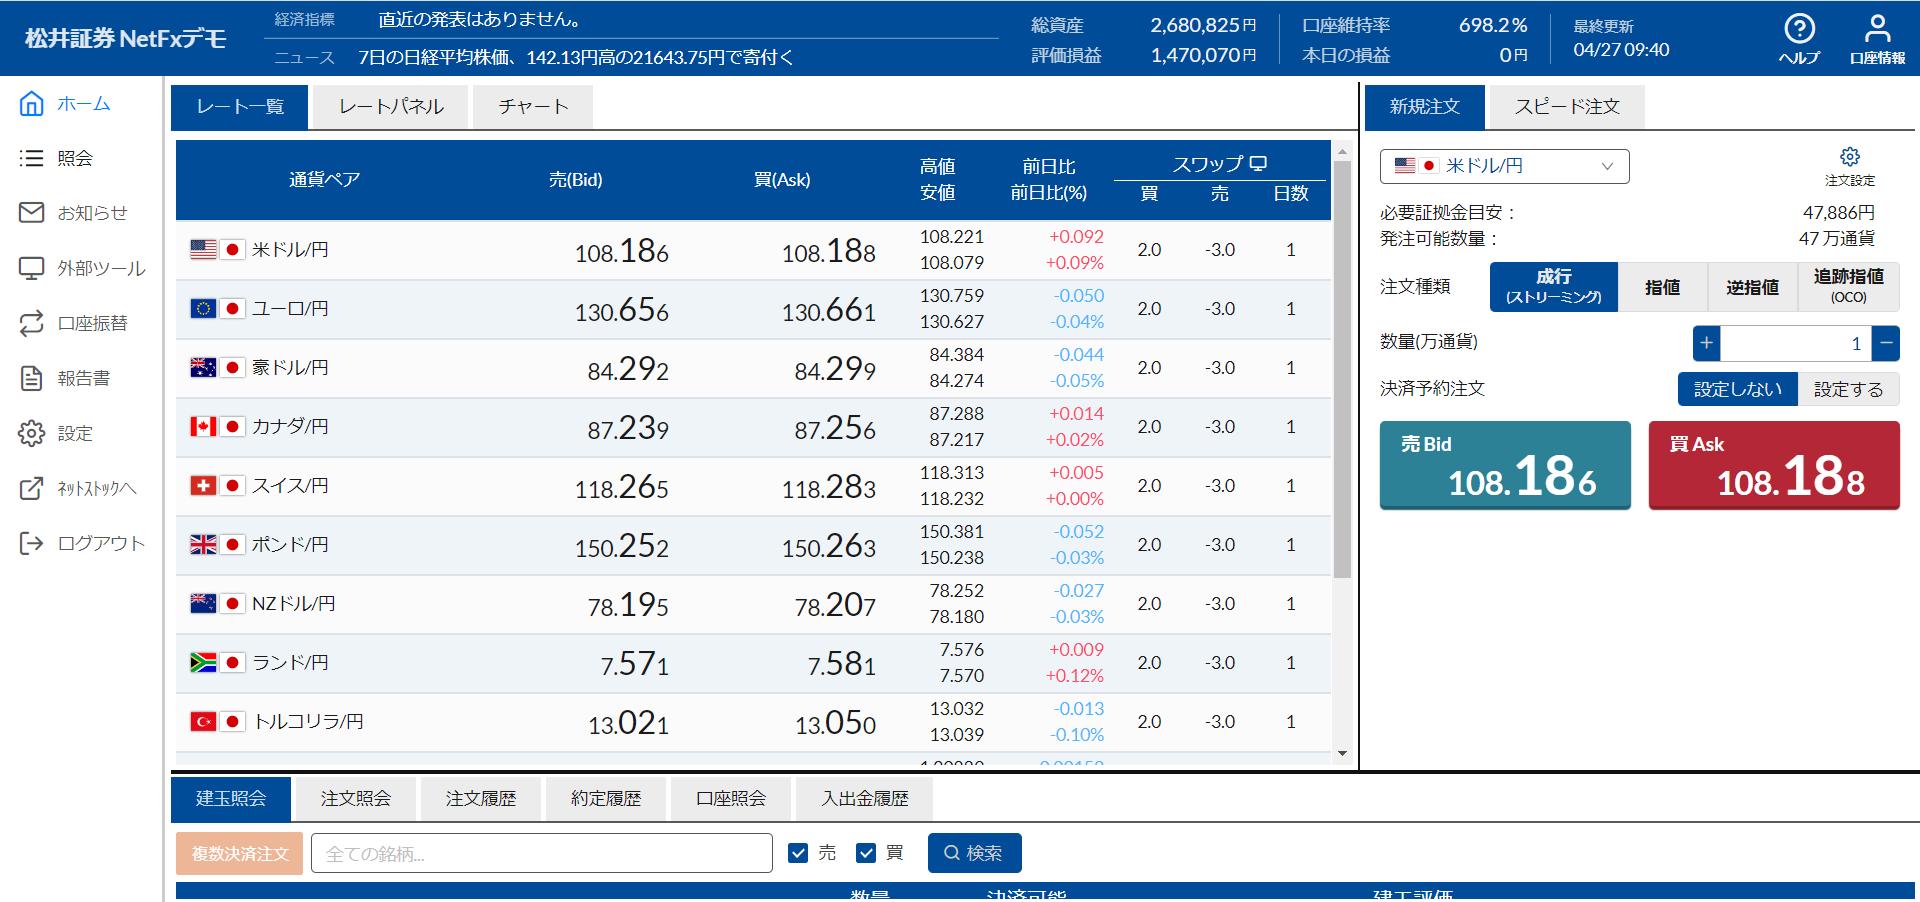 """<img src=""""img_60875f858f45a.png"""" alt=""""松井証券 MATSUI FX デモ口座"""">"""